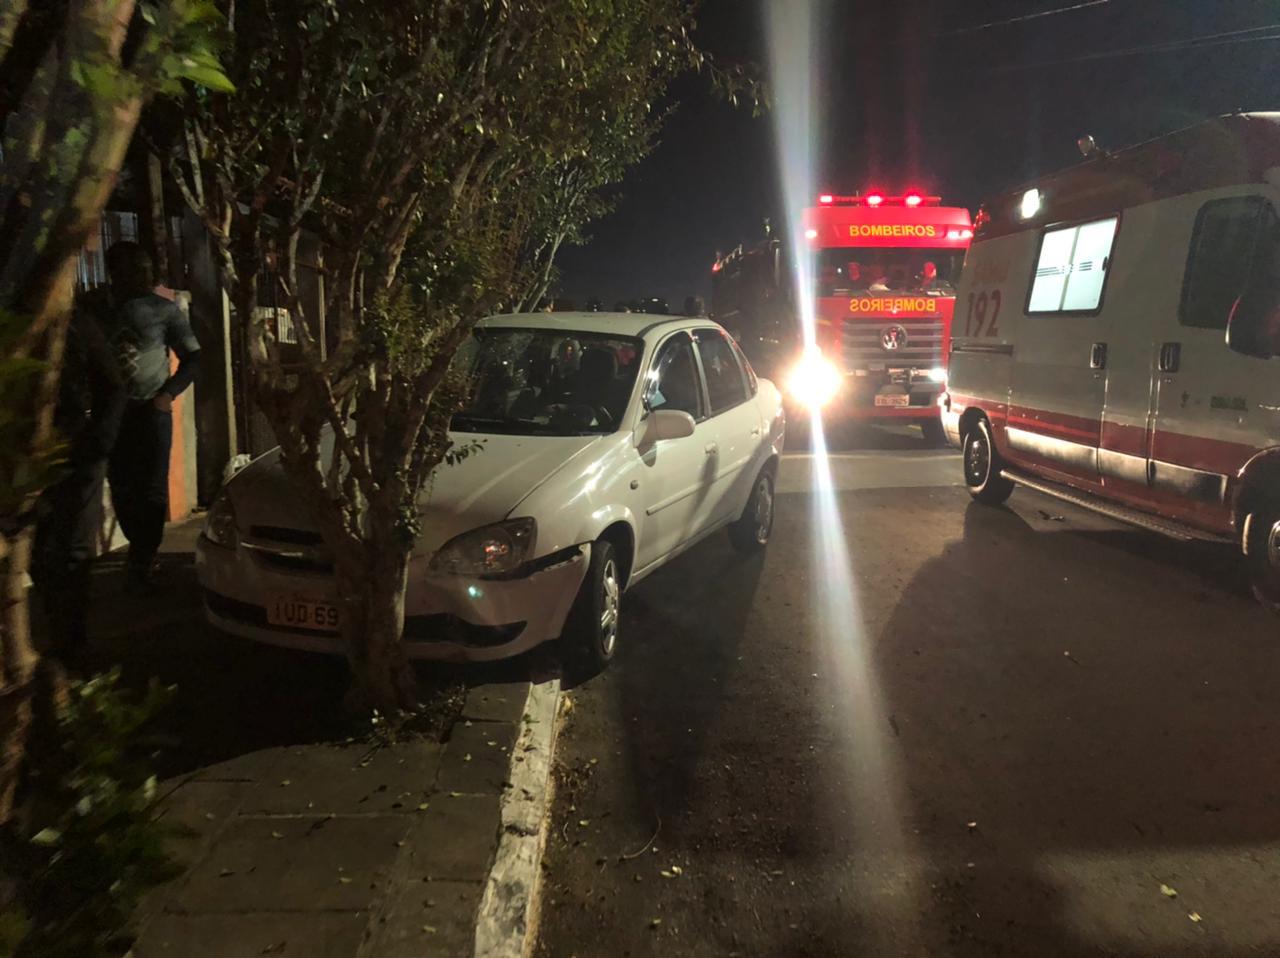 Bombeiros de Bento atendem a acidente de trânsito no São Roque